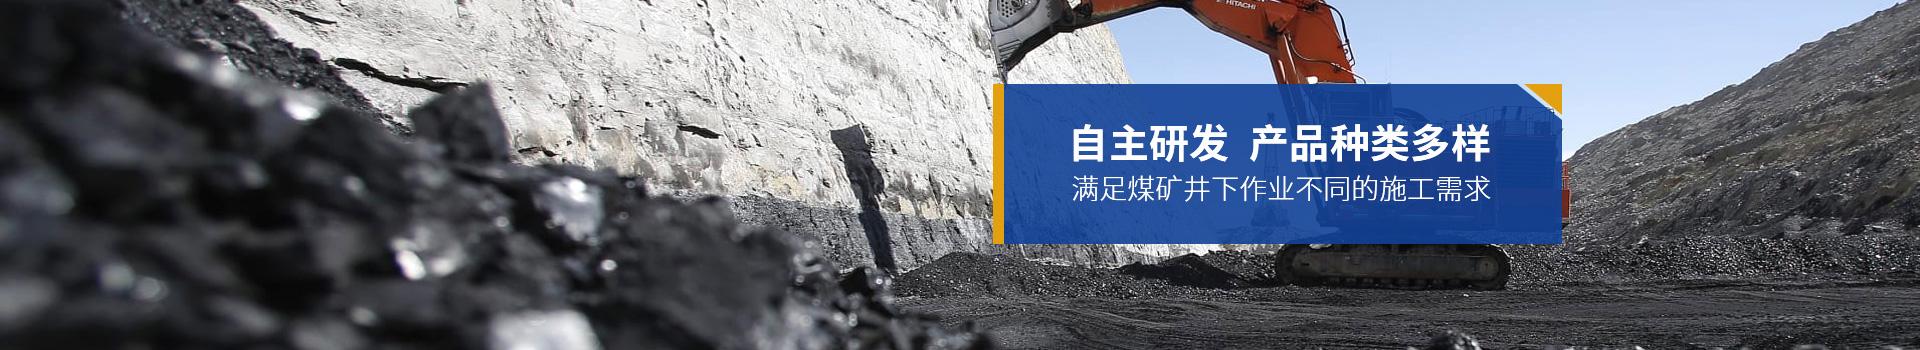 天地煤机 自主研发 产品种类多样